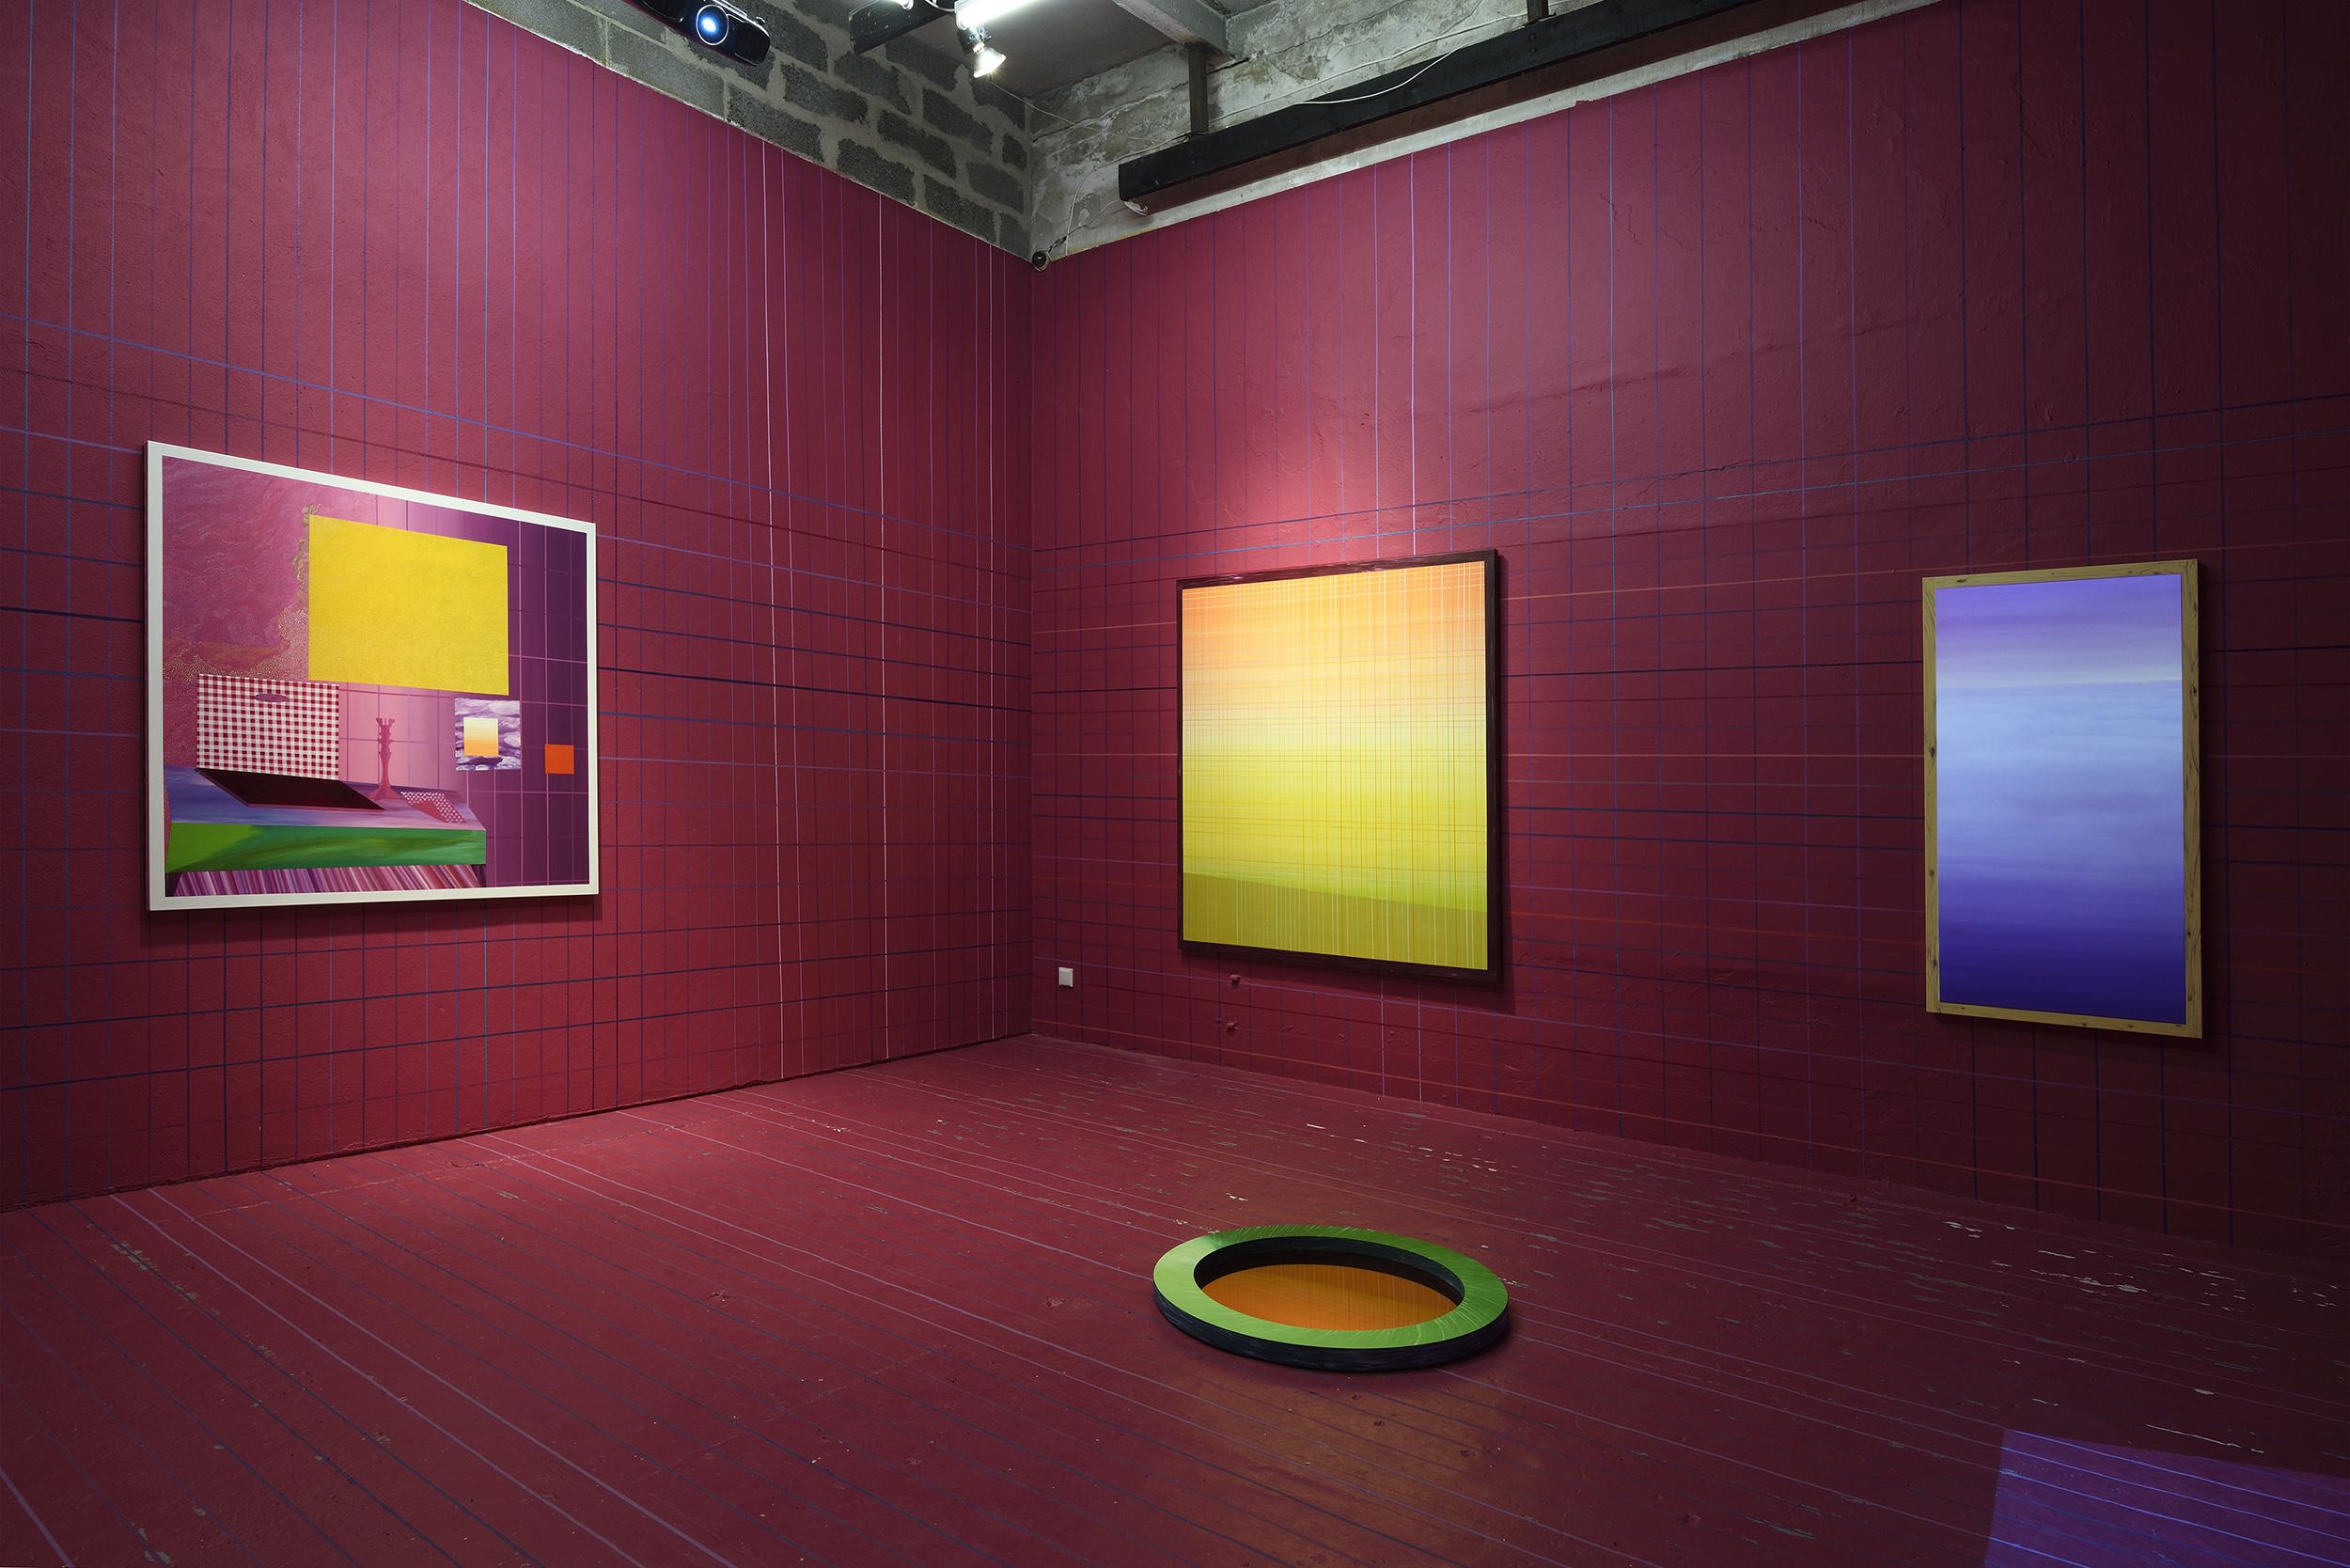 Exhibition view: Kristi Kongi. Pilt läbi pisarate. Visuaalne essee akendest vaatlemisest. Köler Prize, EKKM, Tallinn, 2016.